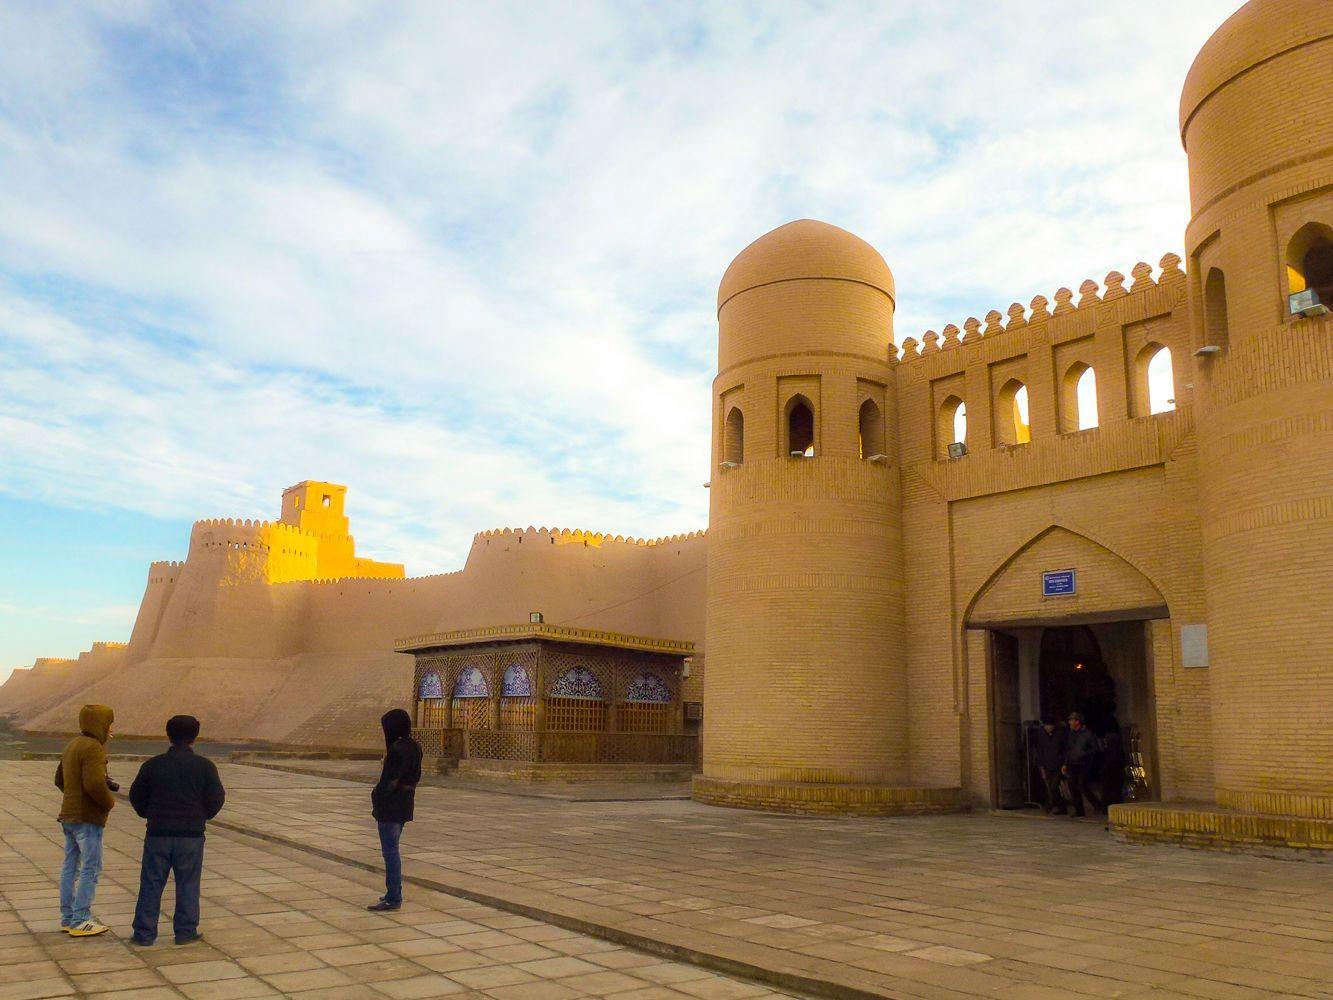 Khiva, Central Asia